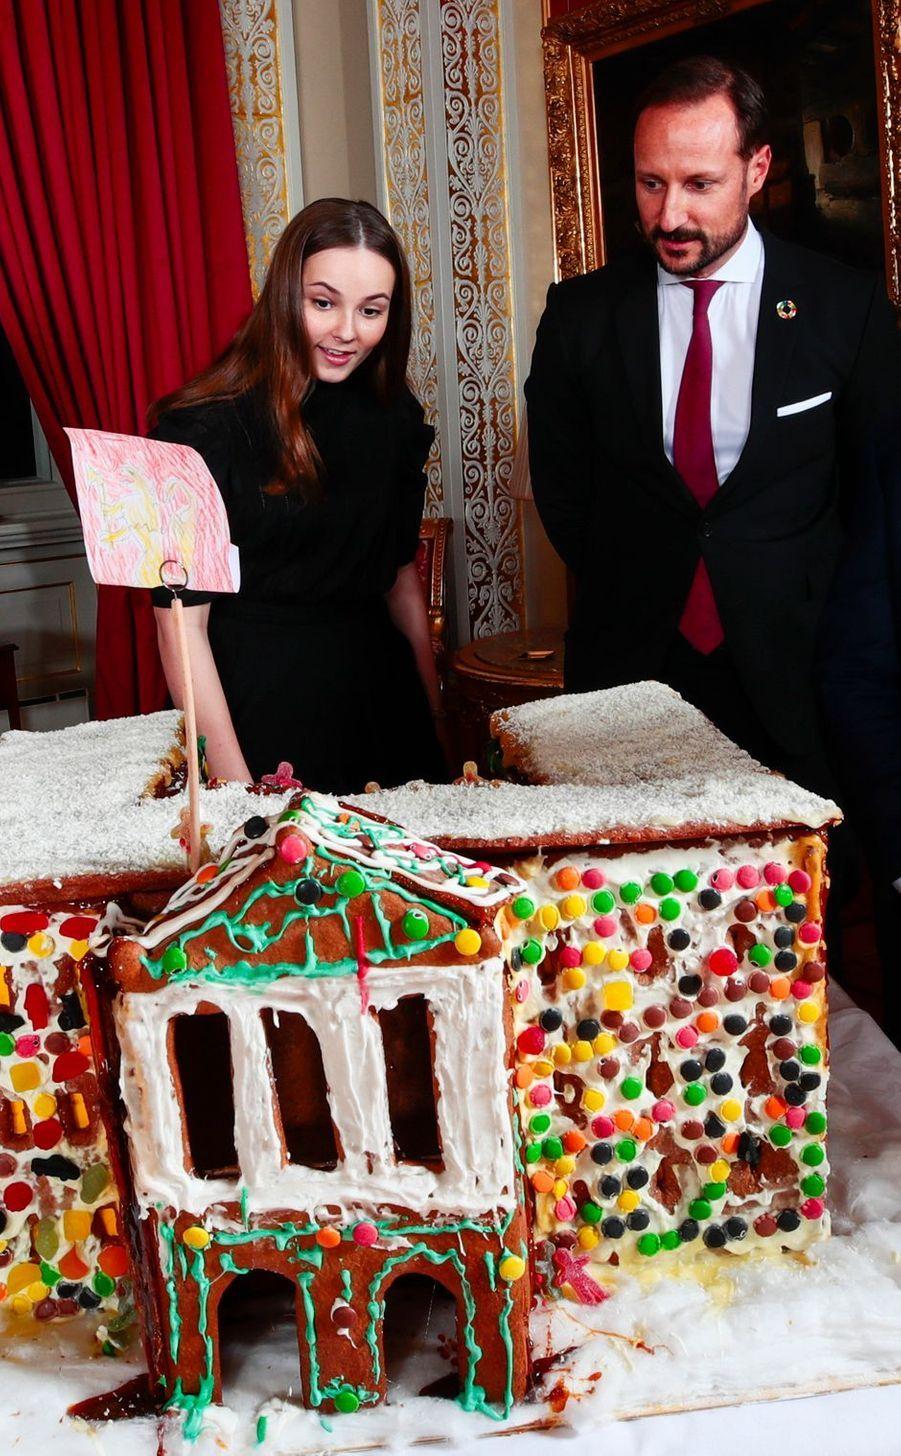 La princesse Ingrid Alexandra et le prince Haakon de Norvège. Photo diffusée le 16 décembre 2019